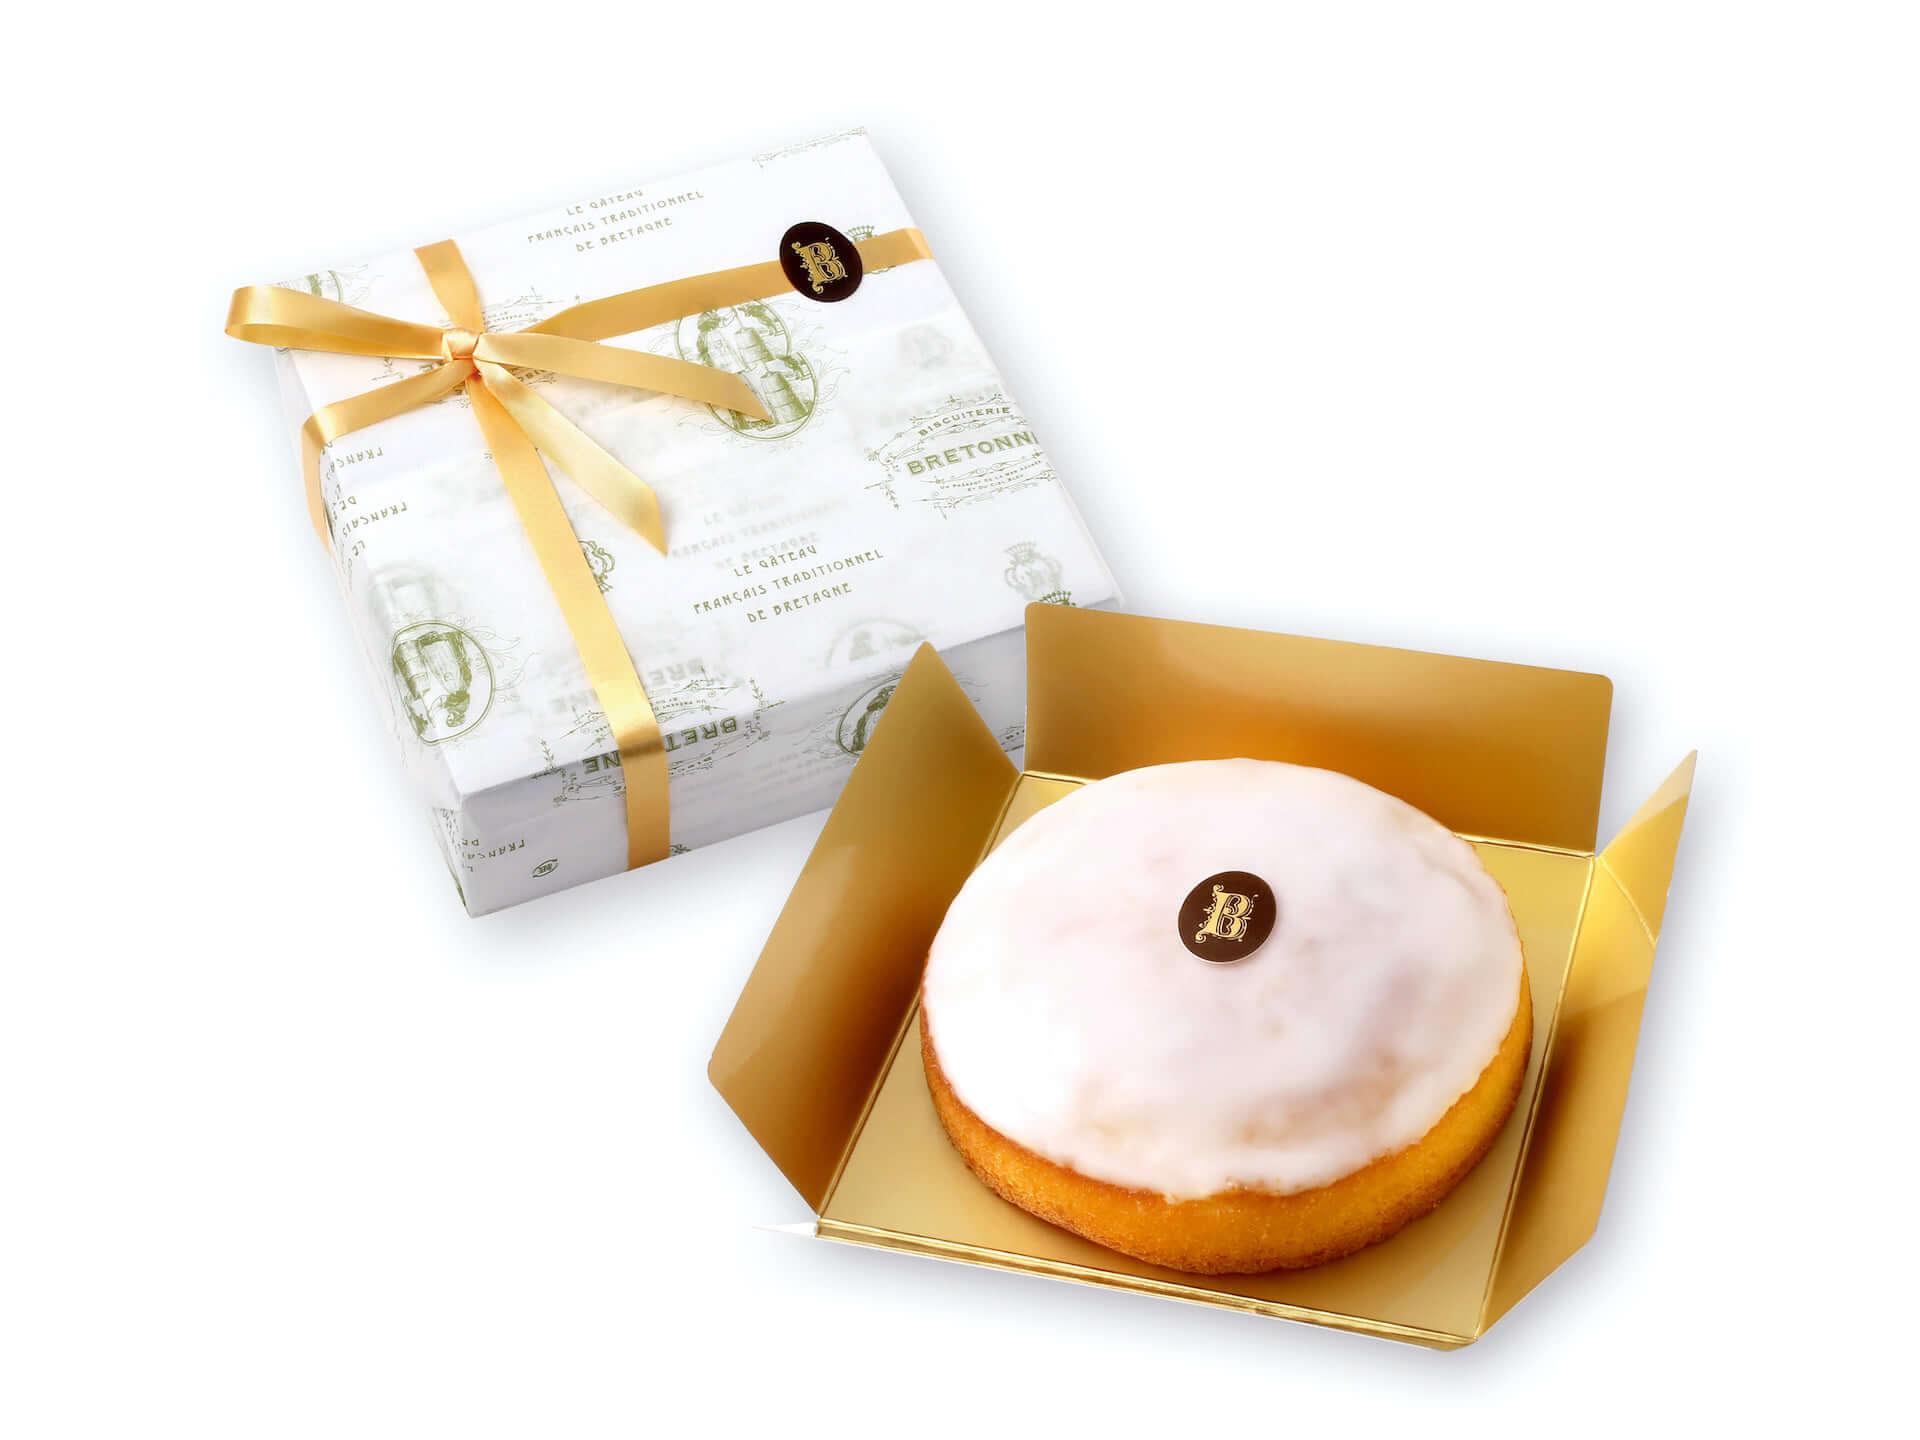 フランスの郷土菓子『ガトー・ナンテ』をお家でも!「ビスキュイテリエ ブルトンヌ」の限定商品がECサイトで発売決定 gourmet200601_bretonne_online_2-1920x1440